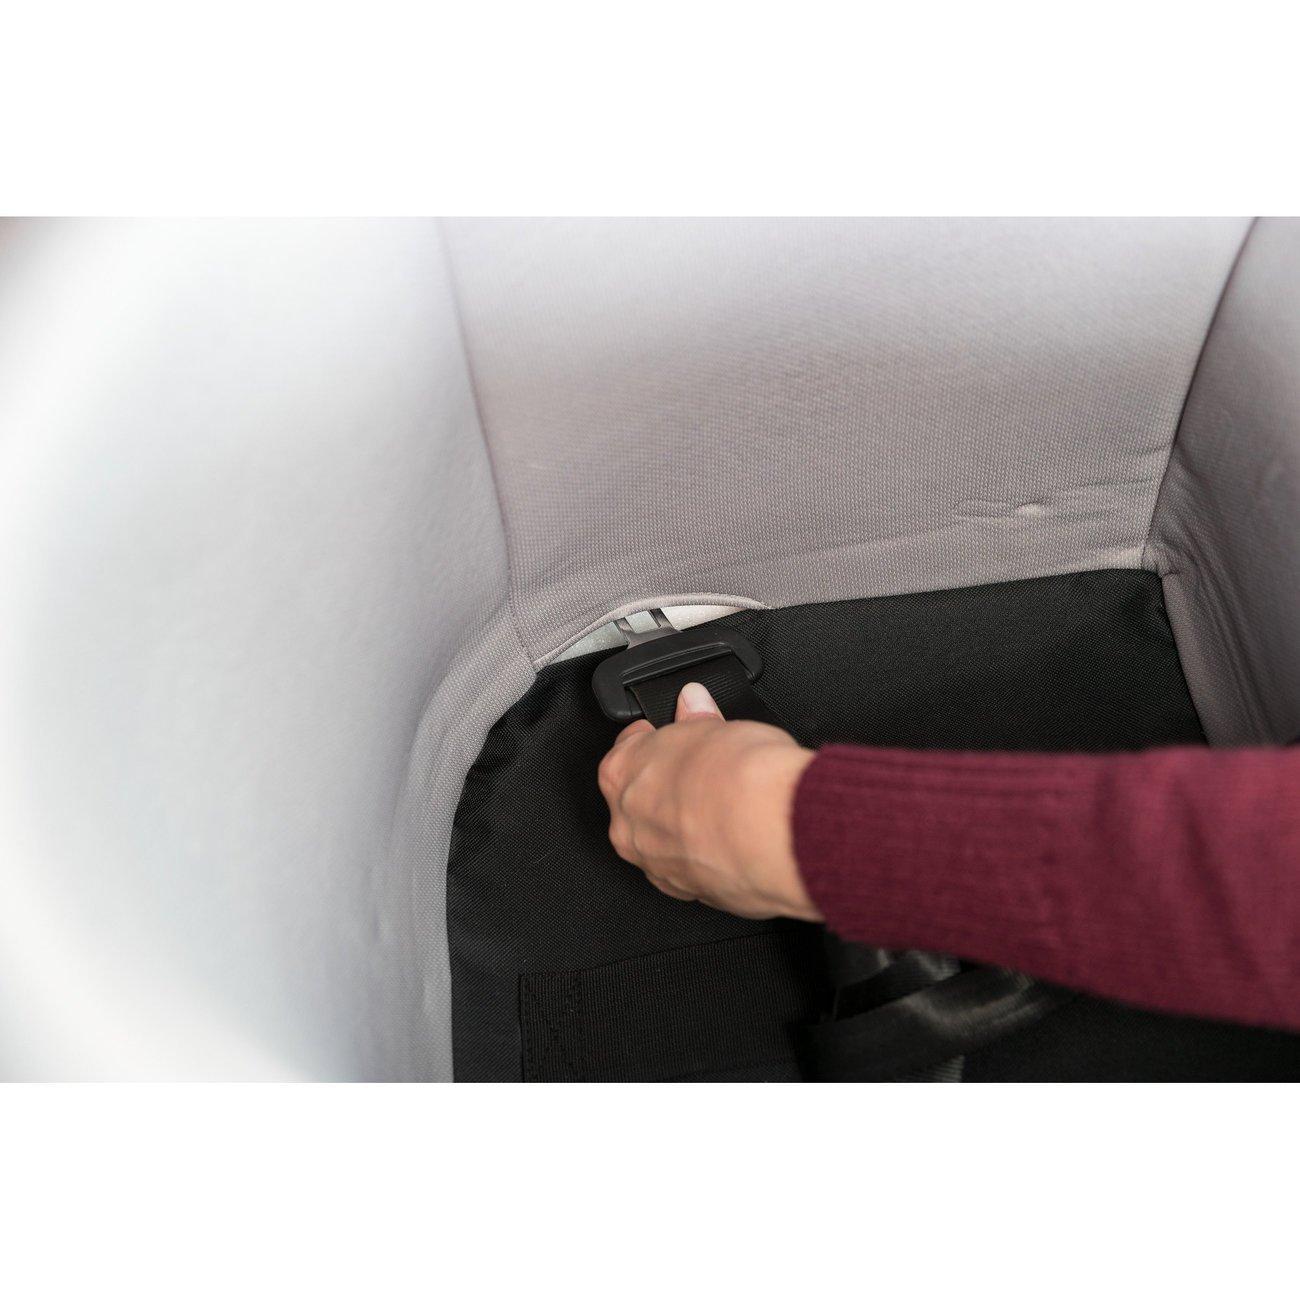 TRIXIE Autositz für kleine Hunde bis 8 kg 13176, Bild 14